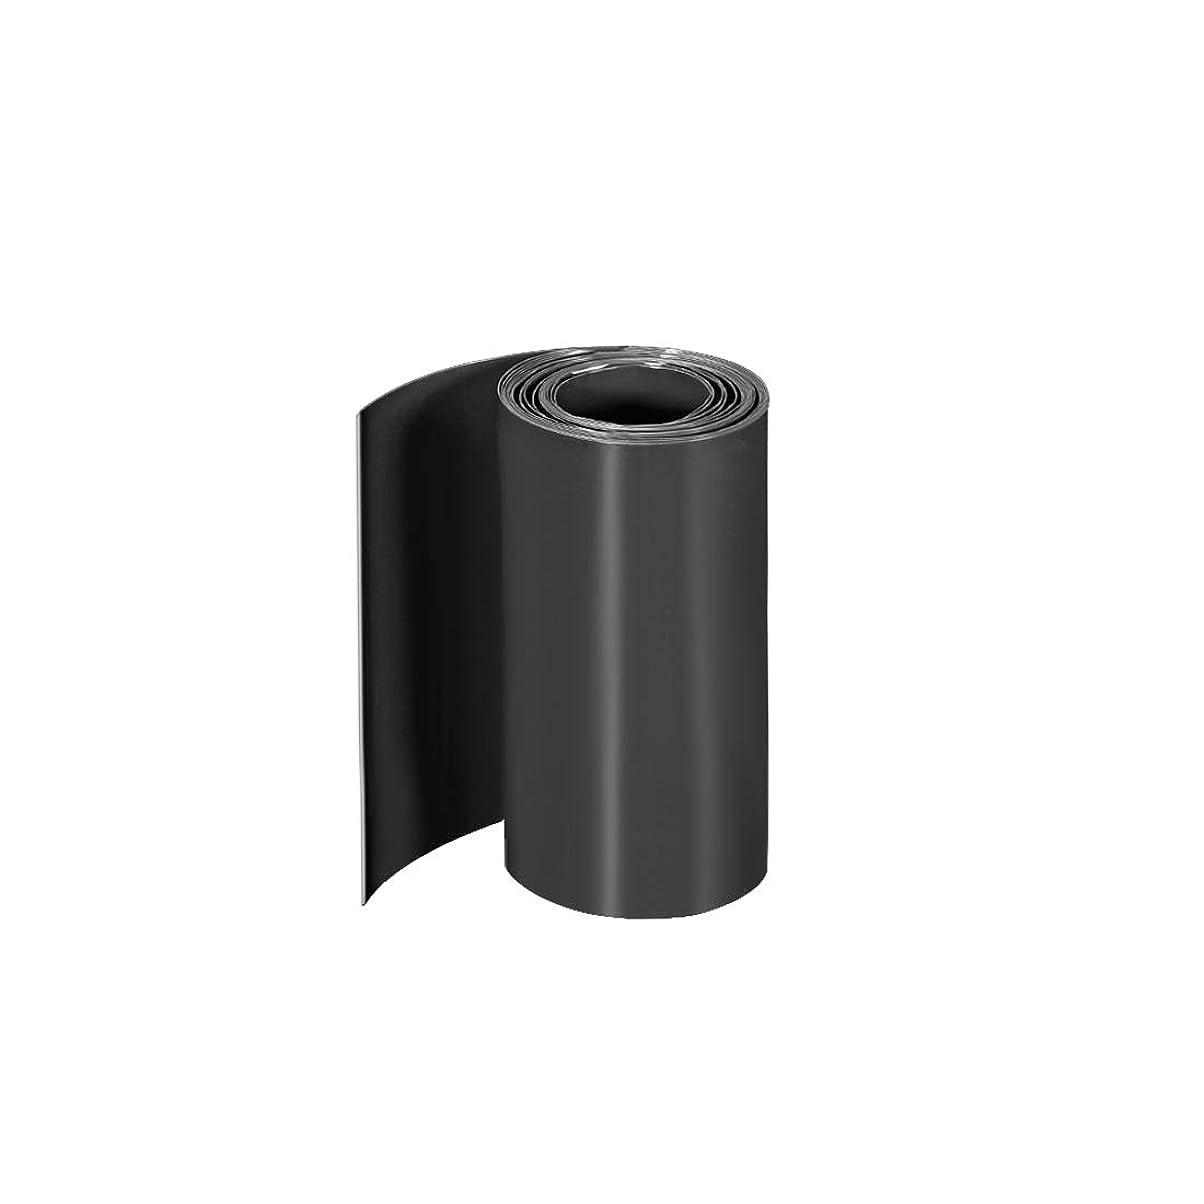 マニュアル素晴らしいです止まるuxcell PVC熱収縮チューブ 75mmフラット幅 5 M ラップ 三つ18650用 ブラック